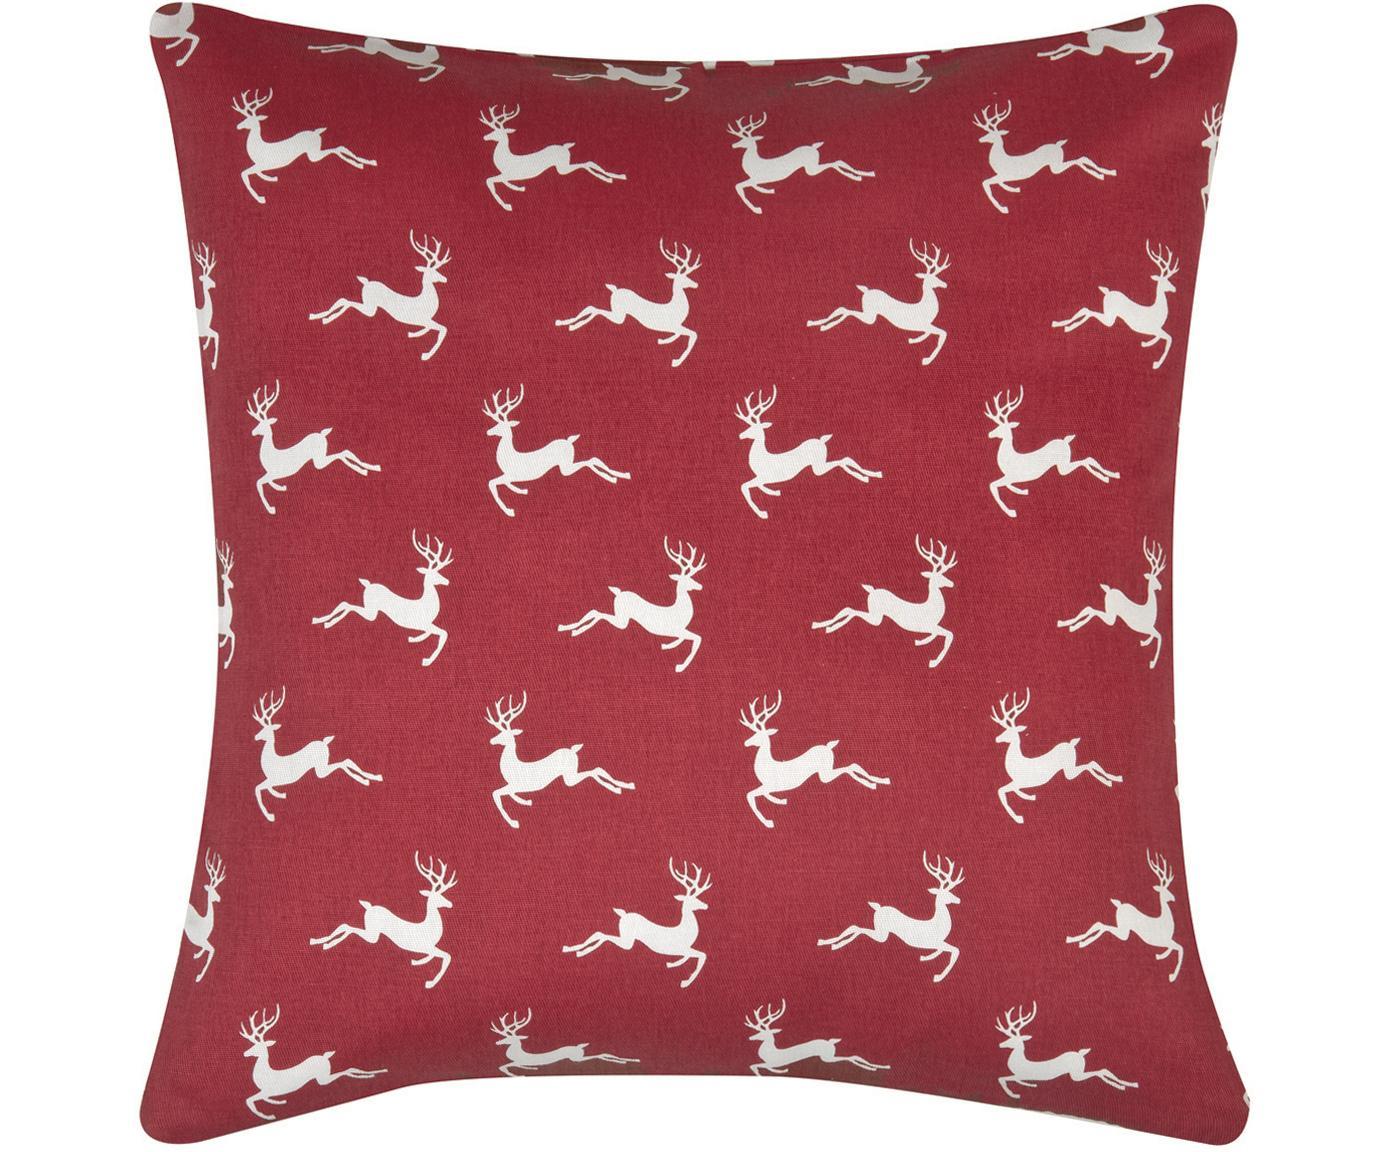 Kussenhoes Deers, 100% katoen, panamabinding, Donkerrood, ecru, 40 x 40 cm